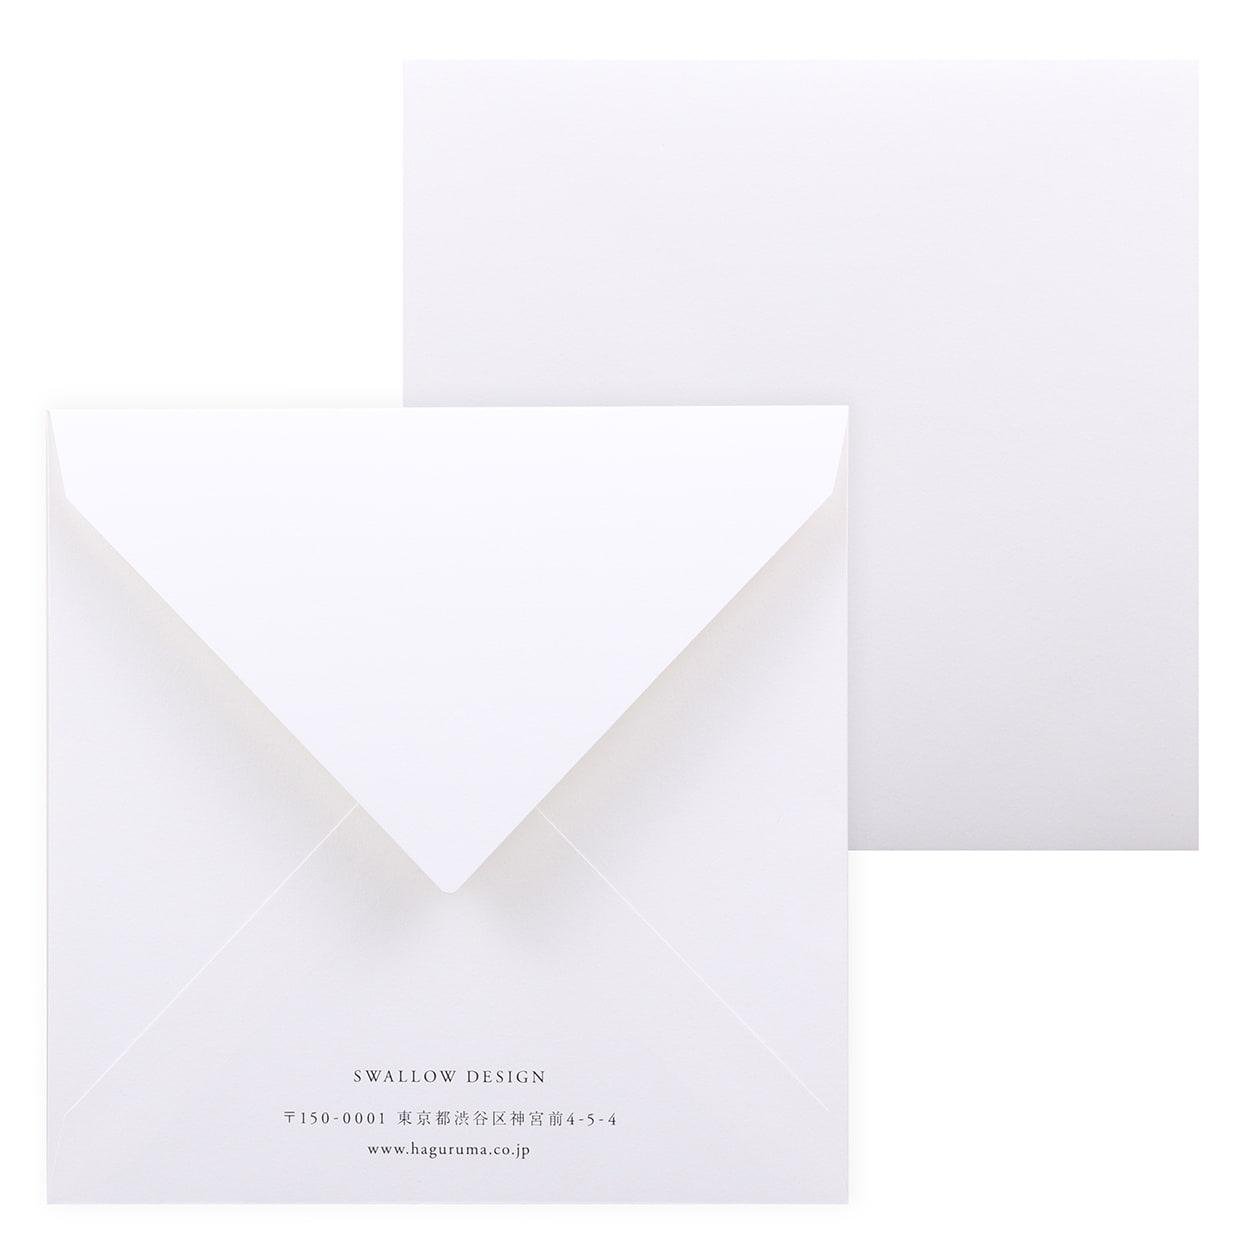 サンプル 封筒・袋 00087